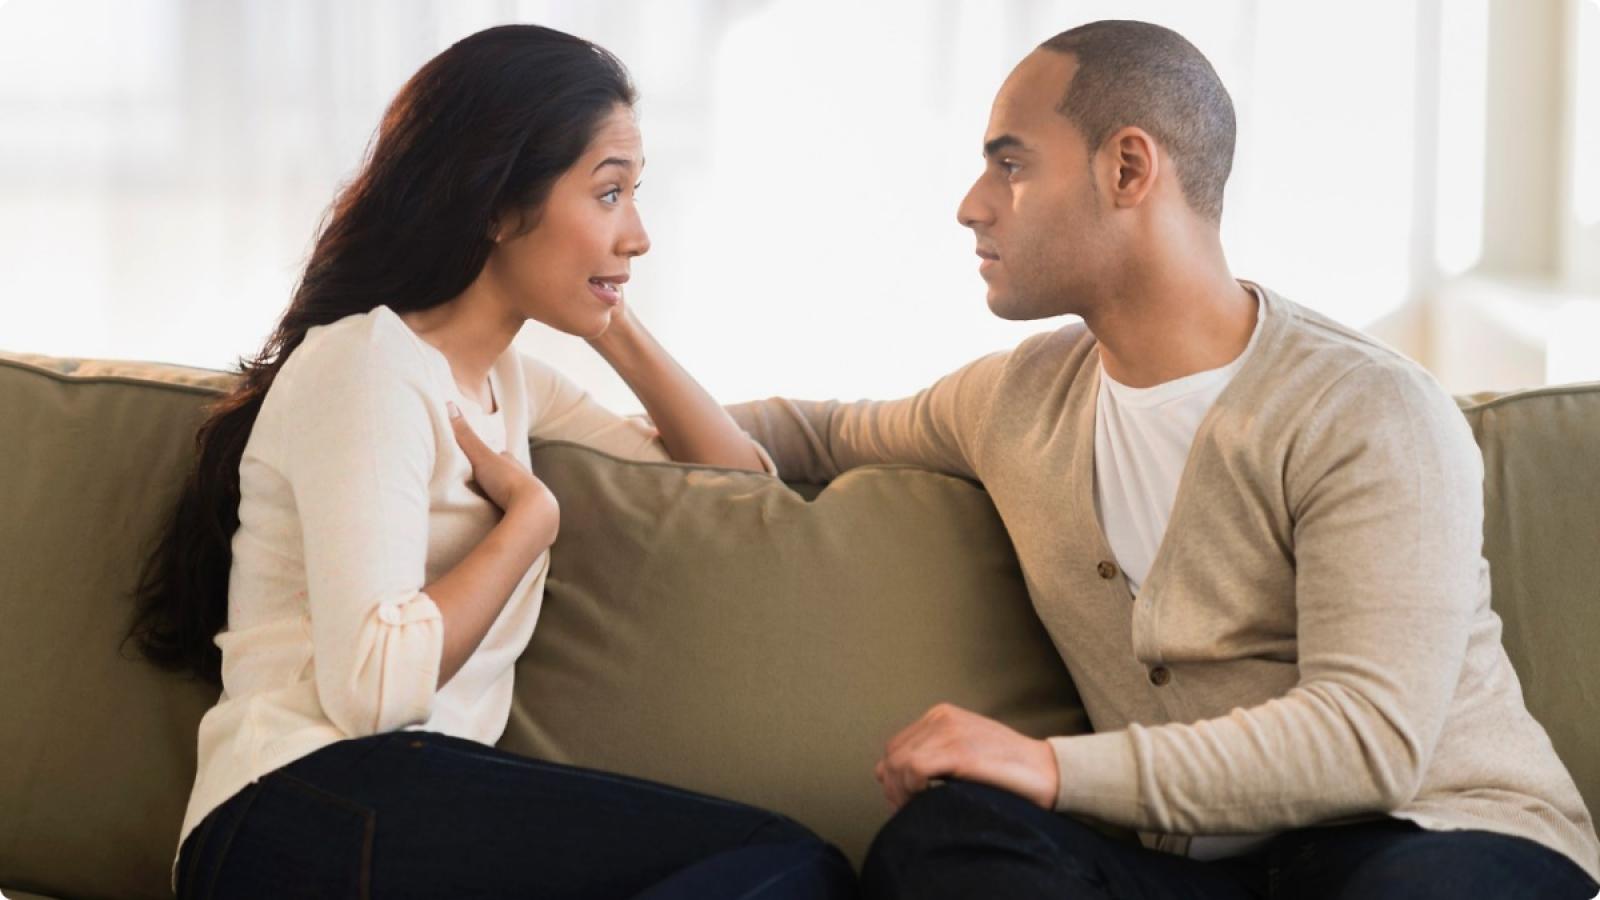 Làm thế nào để giải quyết xung đột trong một mối quan hệ